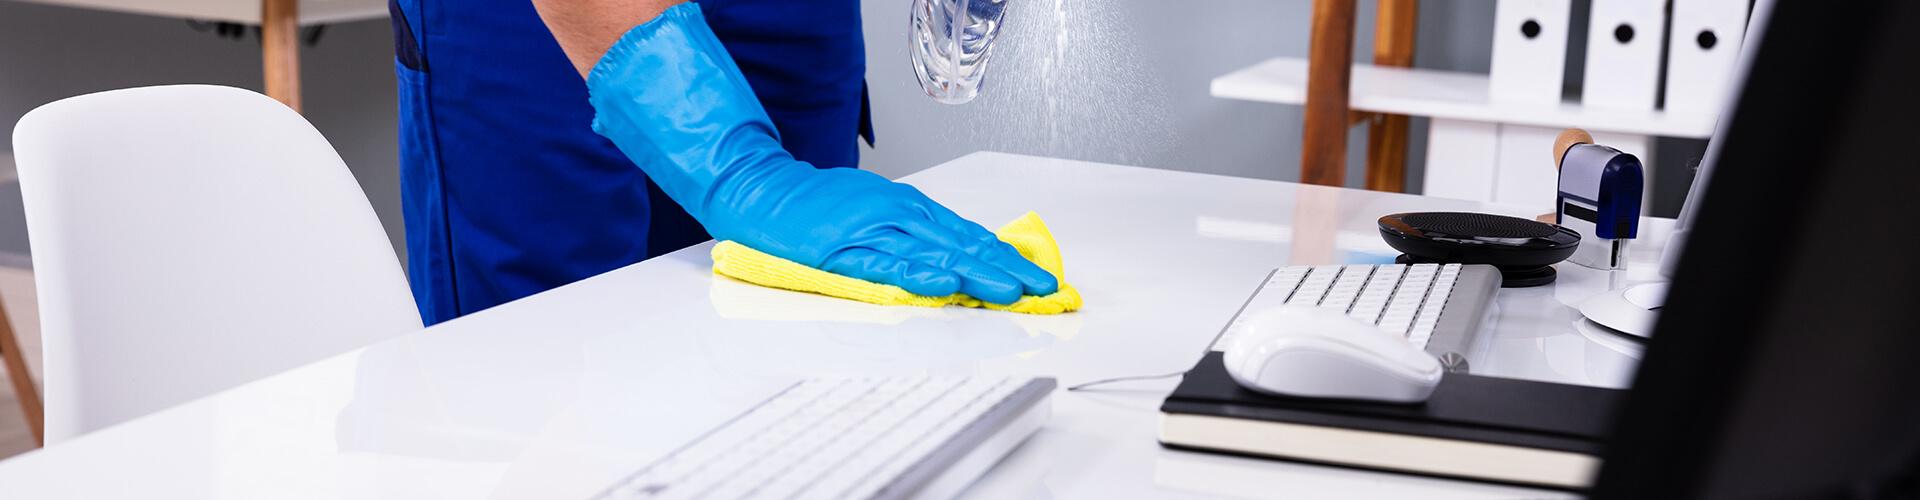 Entreprise de nettoyage bureaux Lille